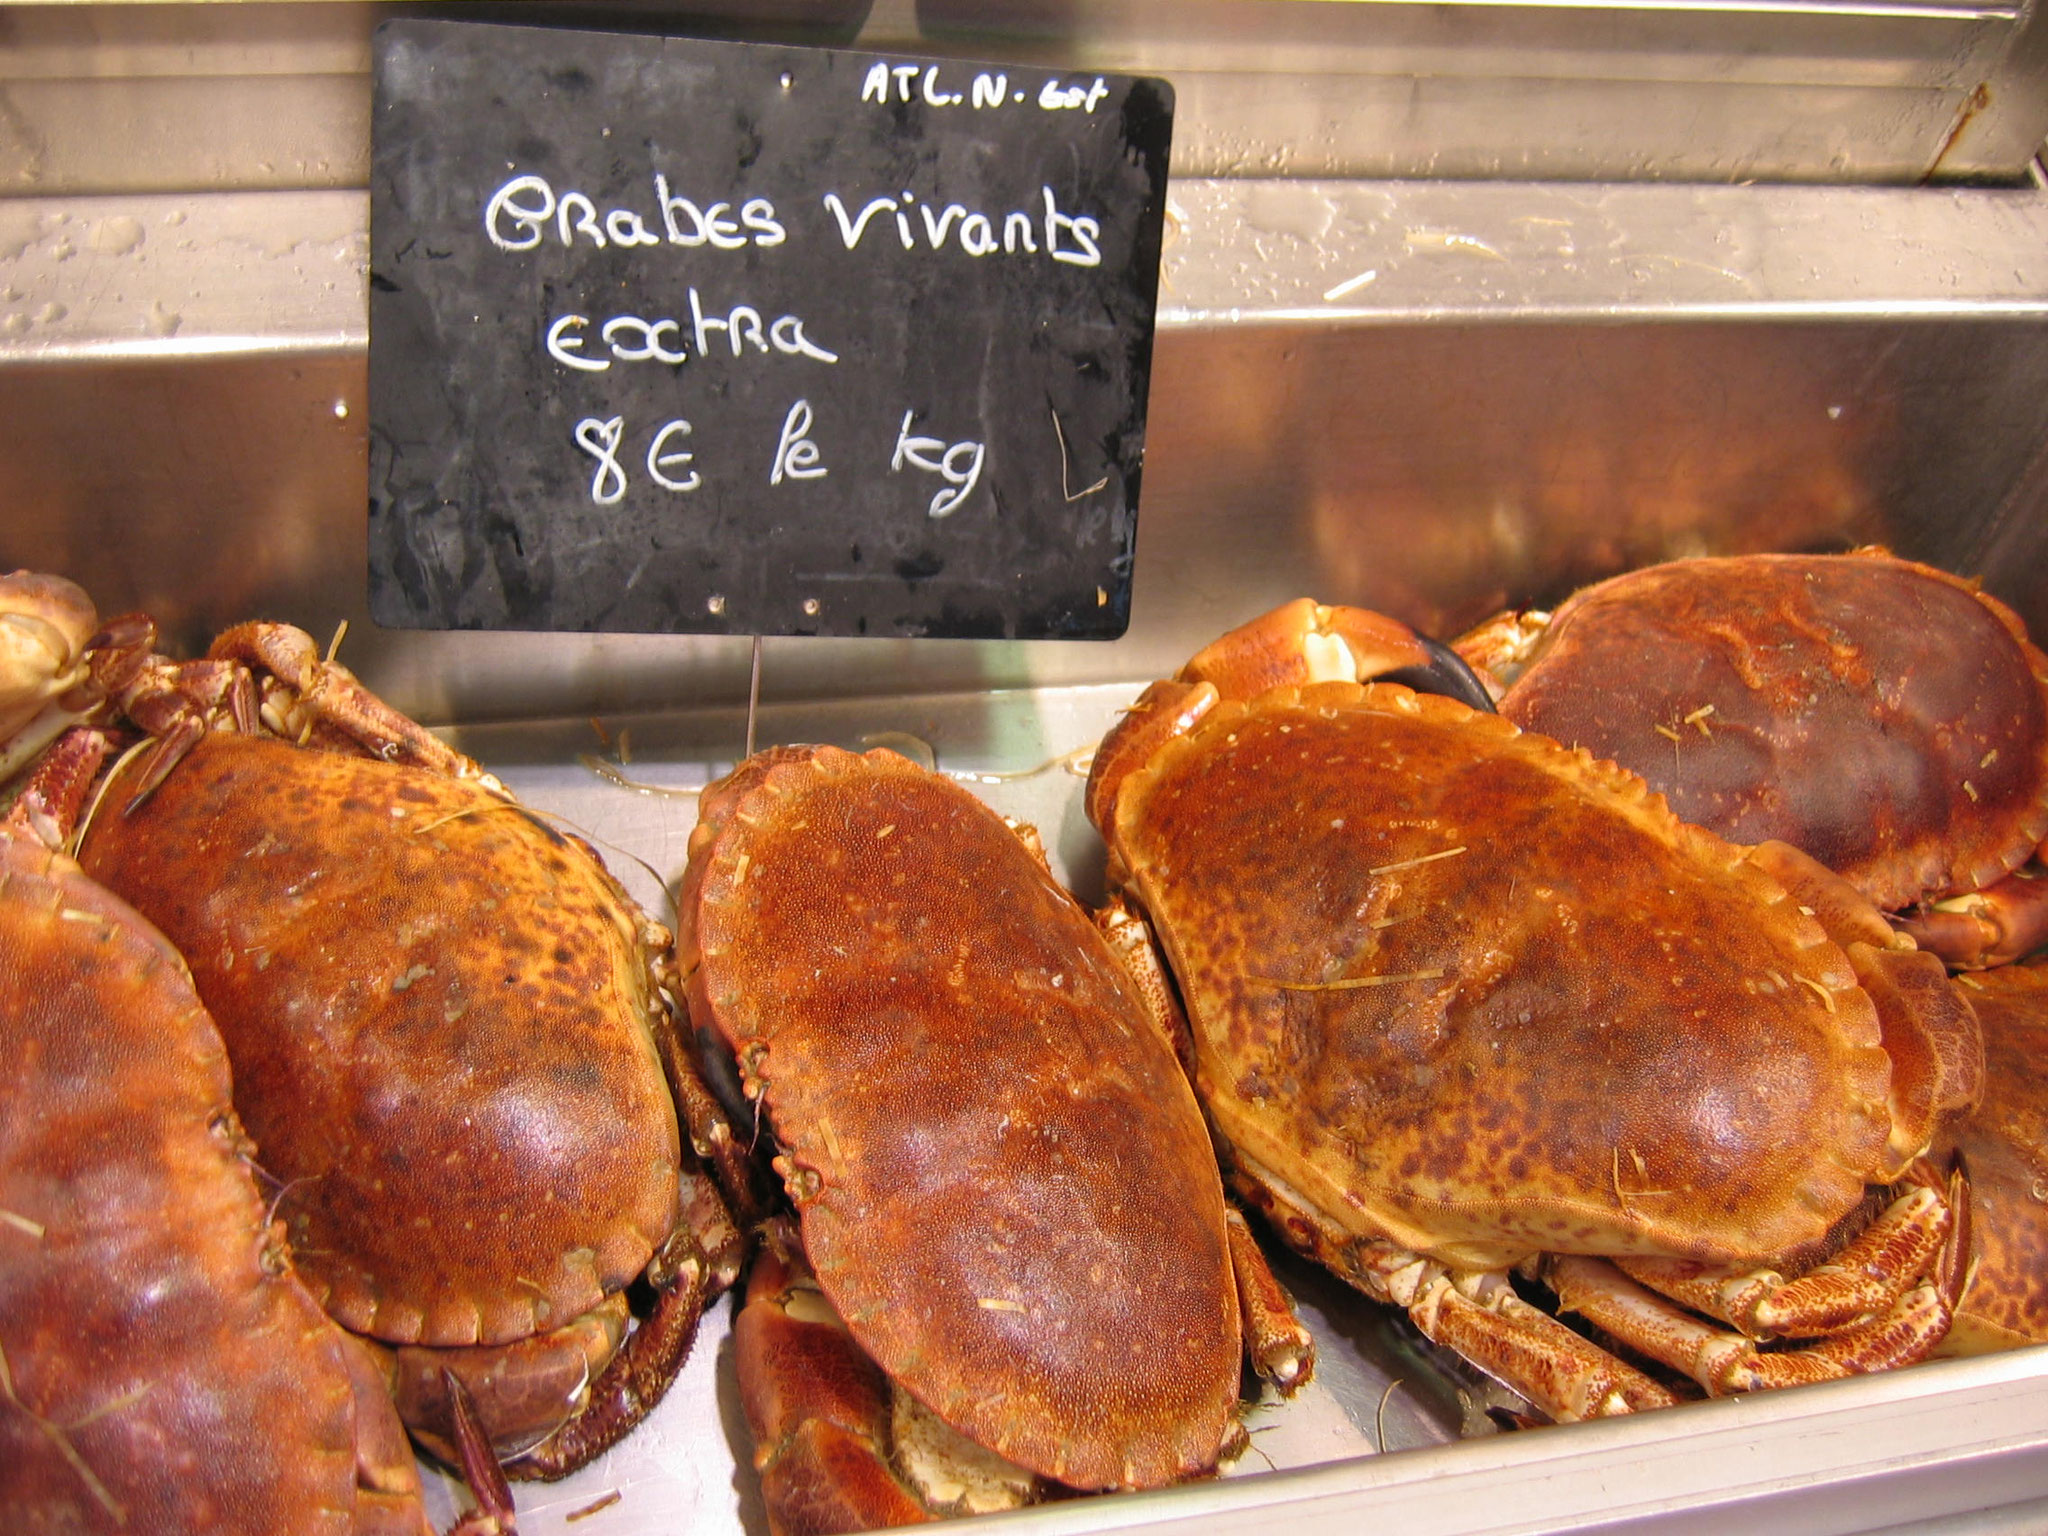 Taschenkrebse sind eine Delikatesse, aber wie isst man sie eigentlich?